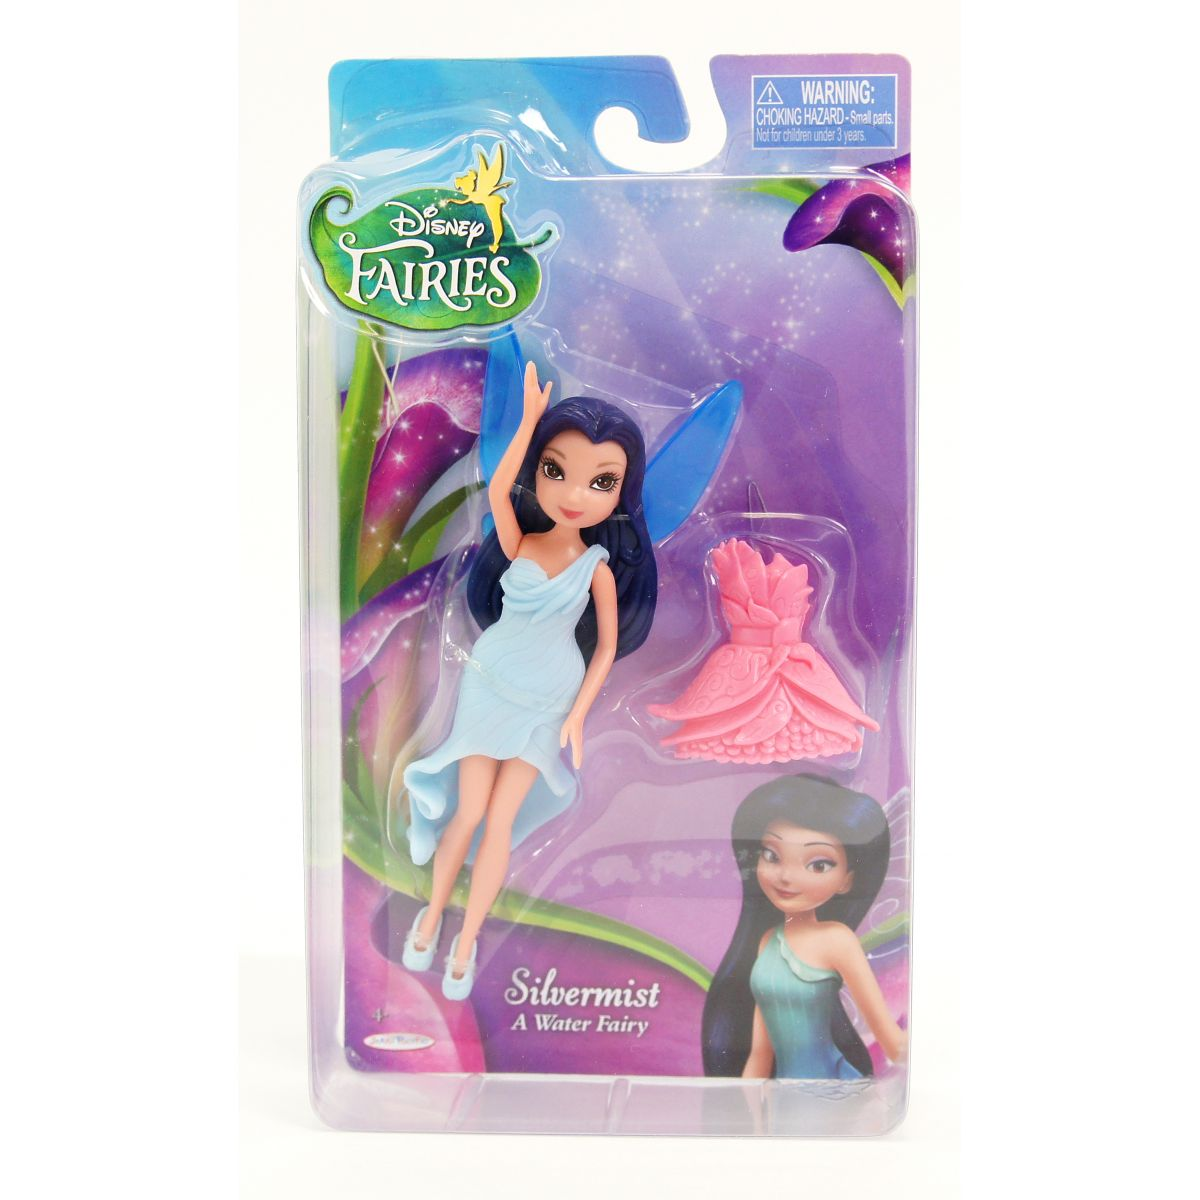 Disney Víly 11cm Základní panenka s modními doplňky - Mlženka